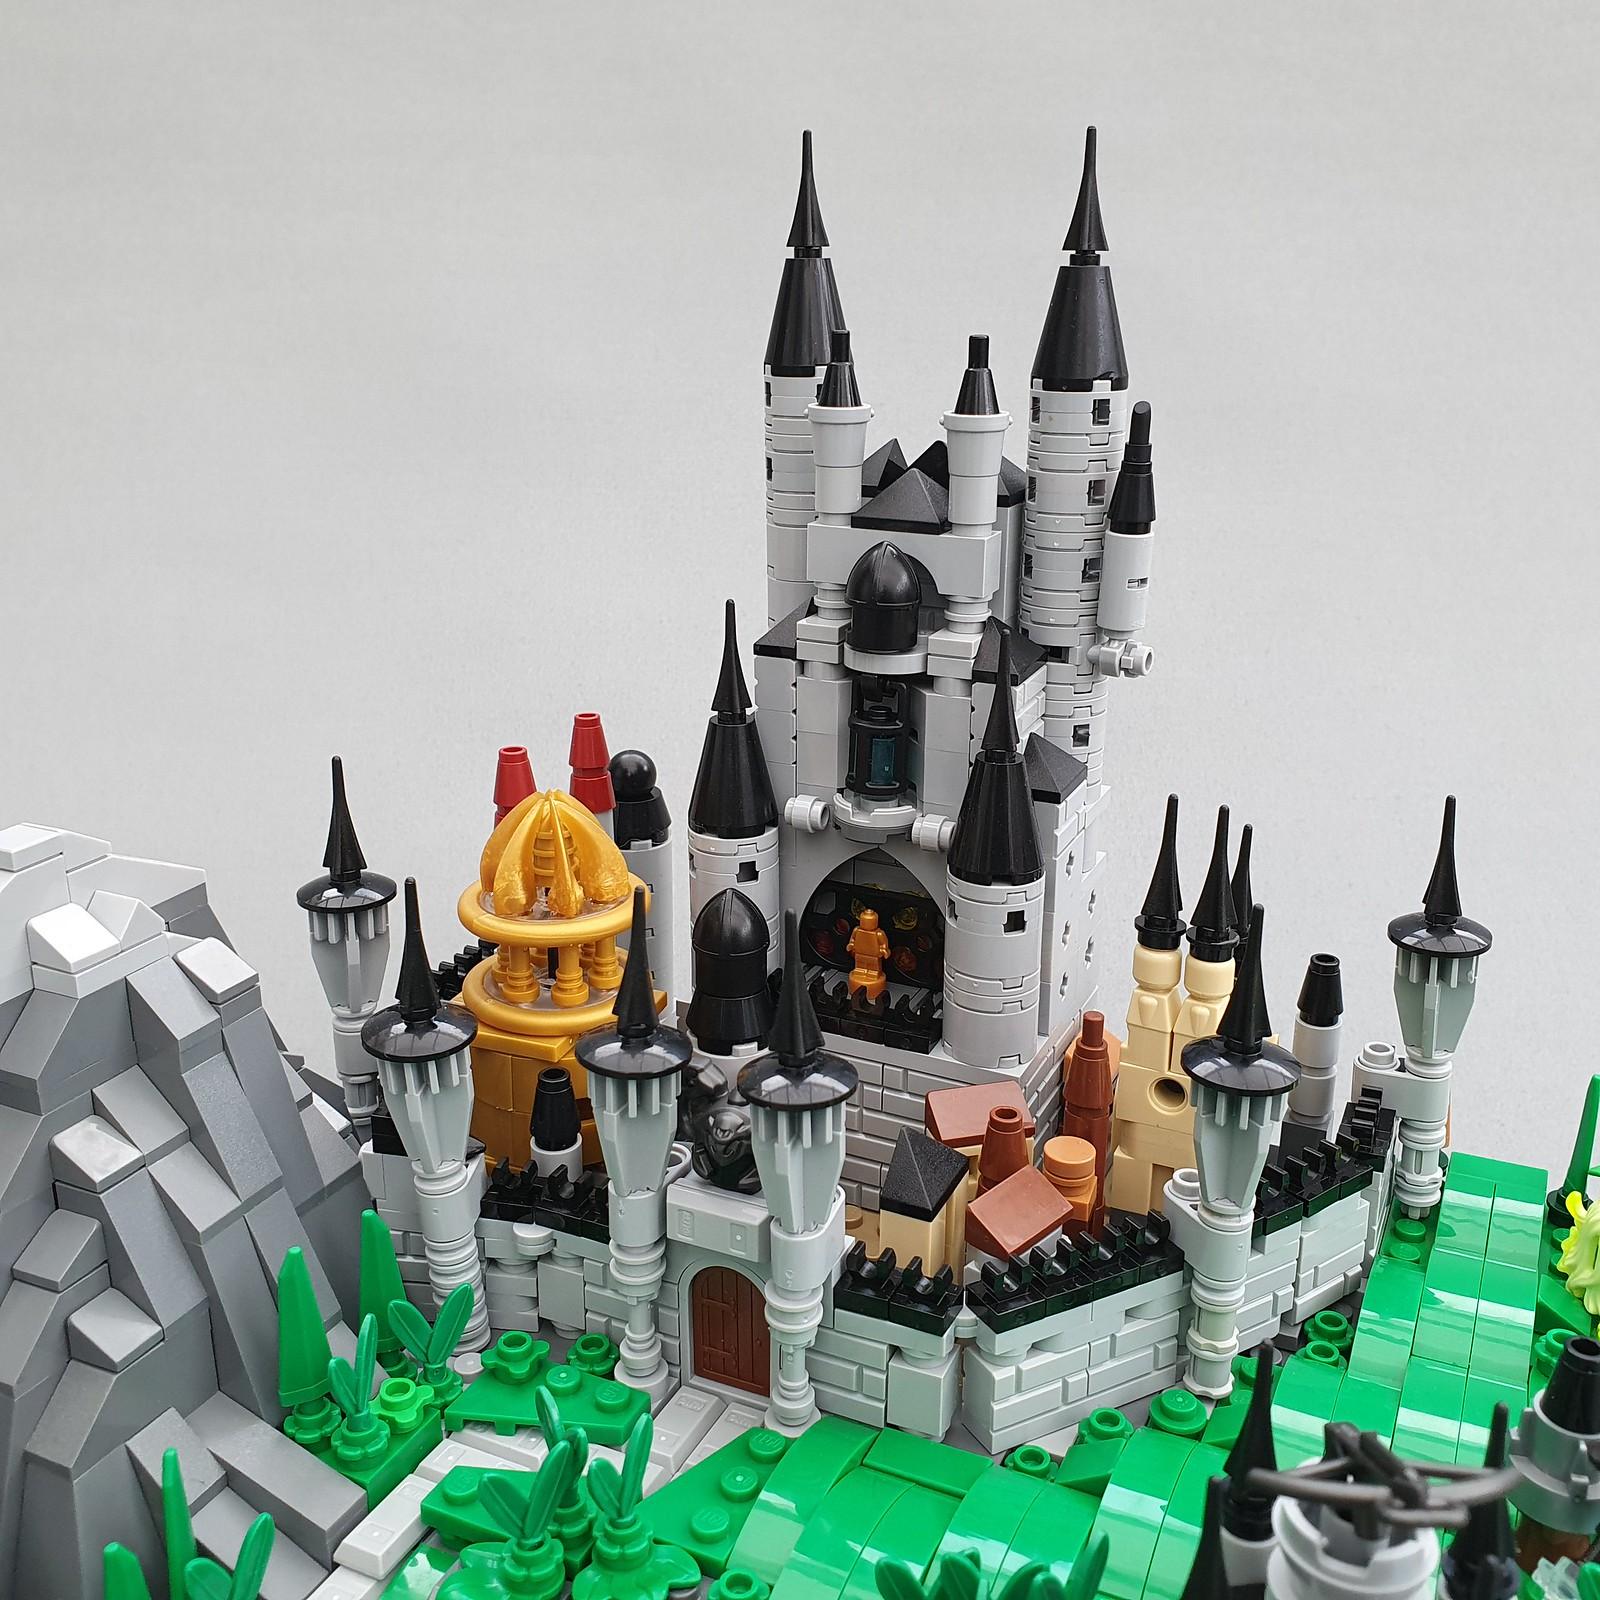 Lego Store Micro Fantasy Landscape